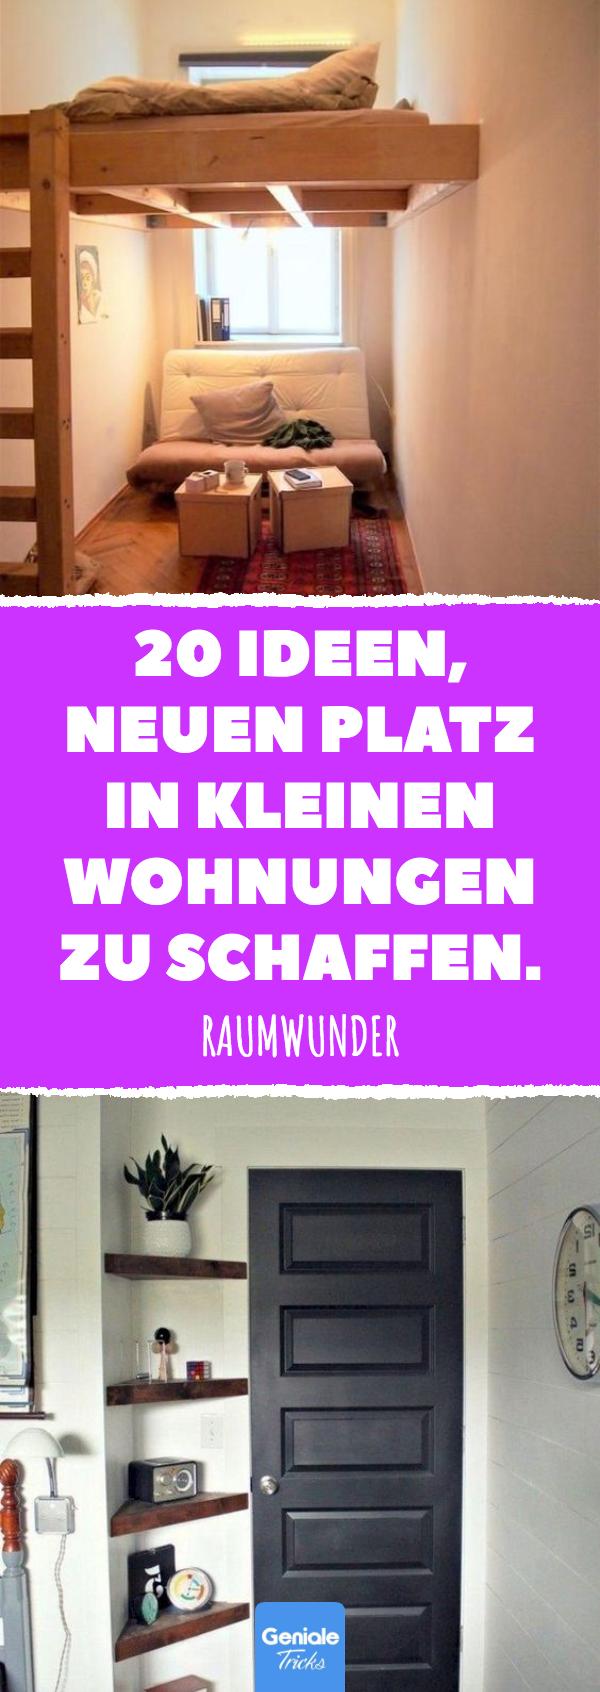 Photo of 20 Ideen, neuen Platz in kleinen Wohnungen zu schaffen.